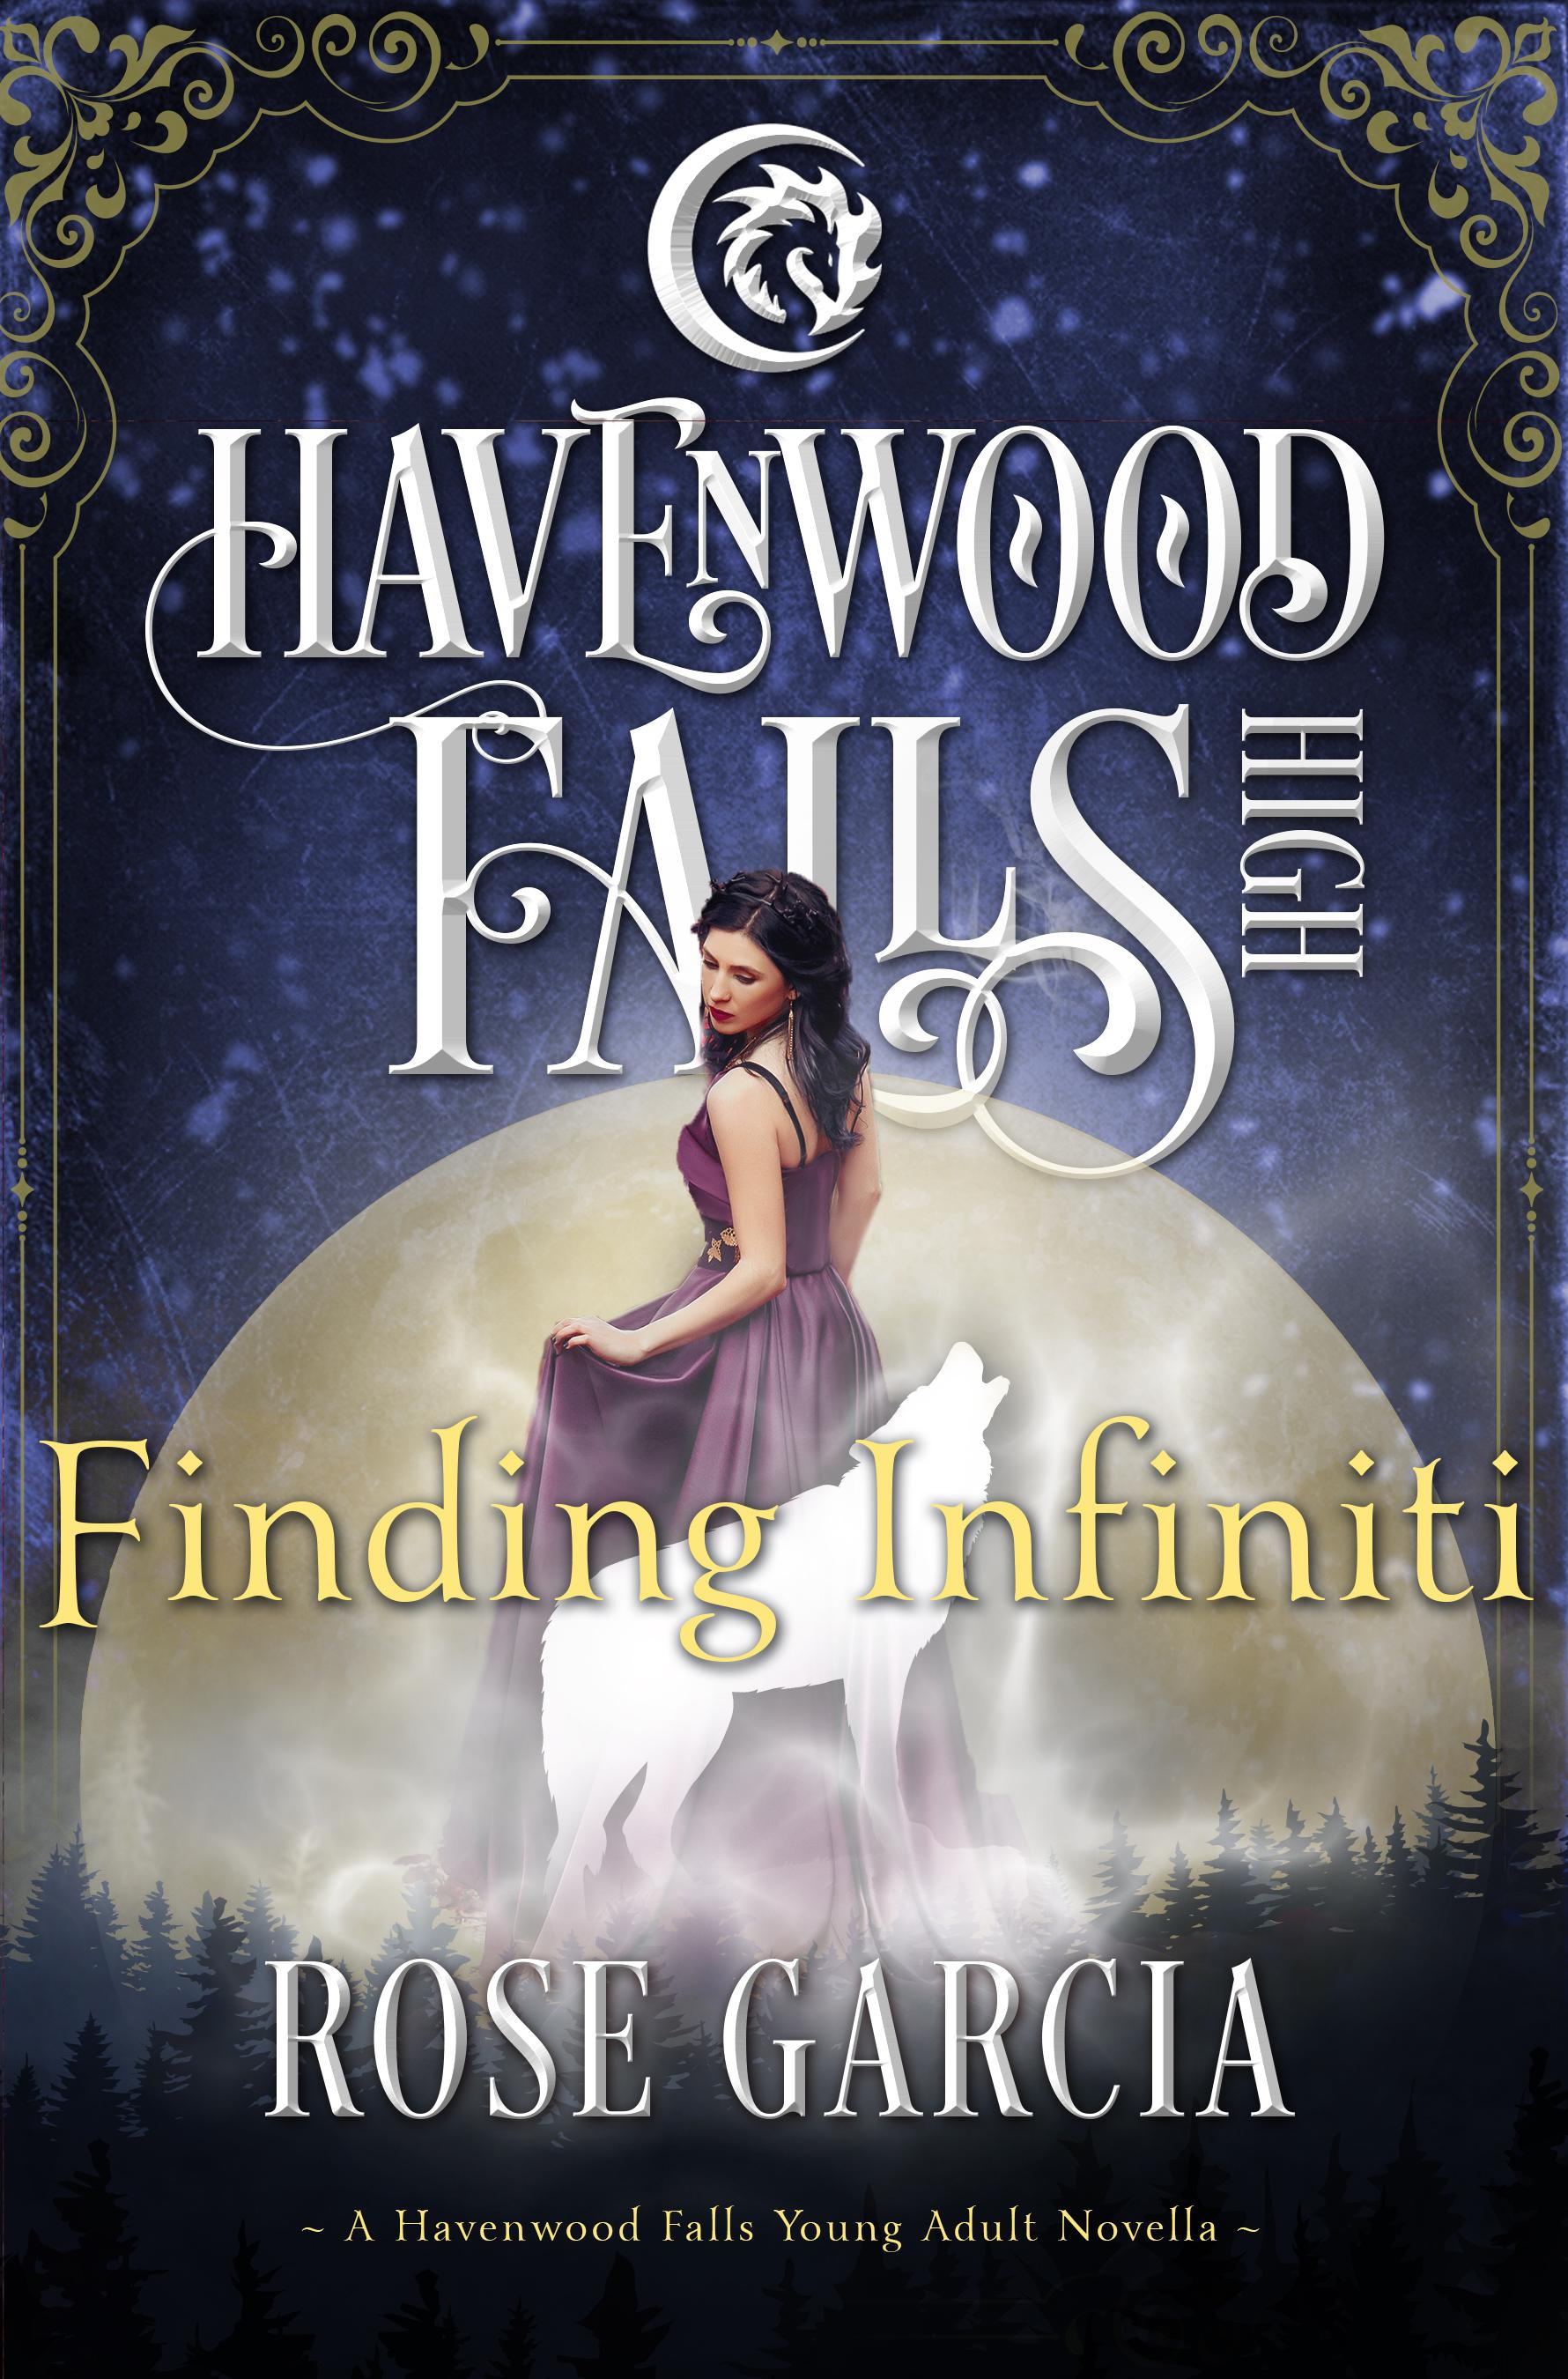 HavenwoodFalls-HIGH-Finding Infiniti-FINAL-high.jpg